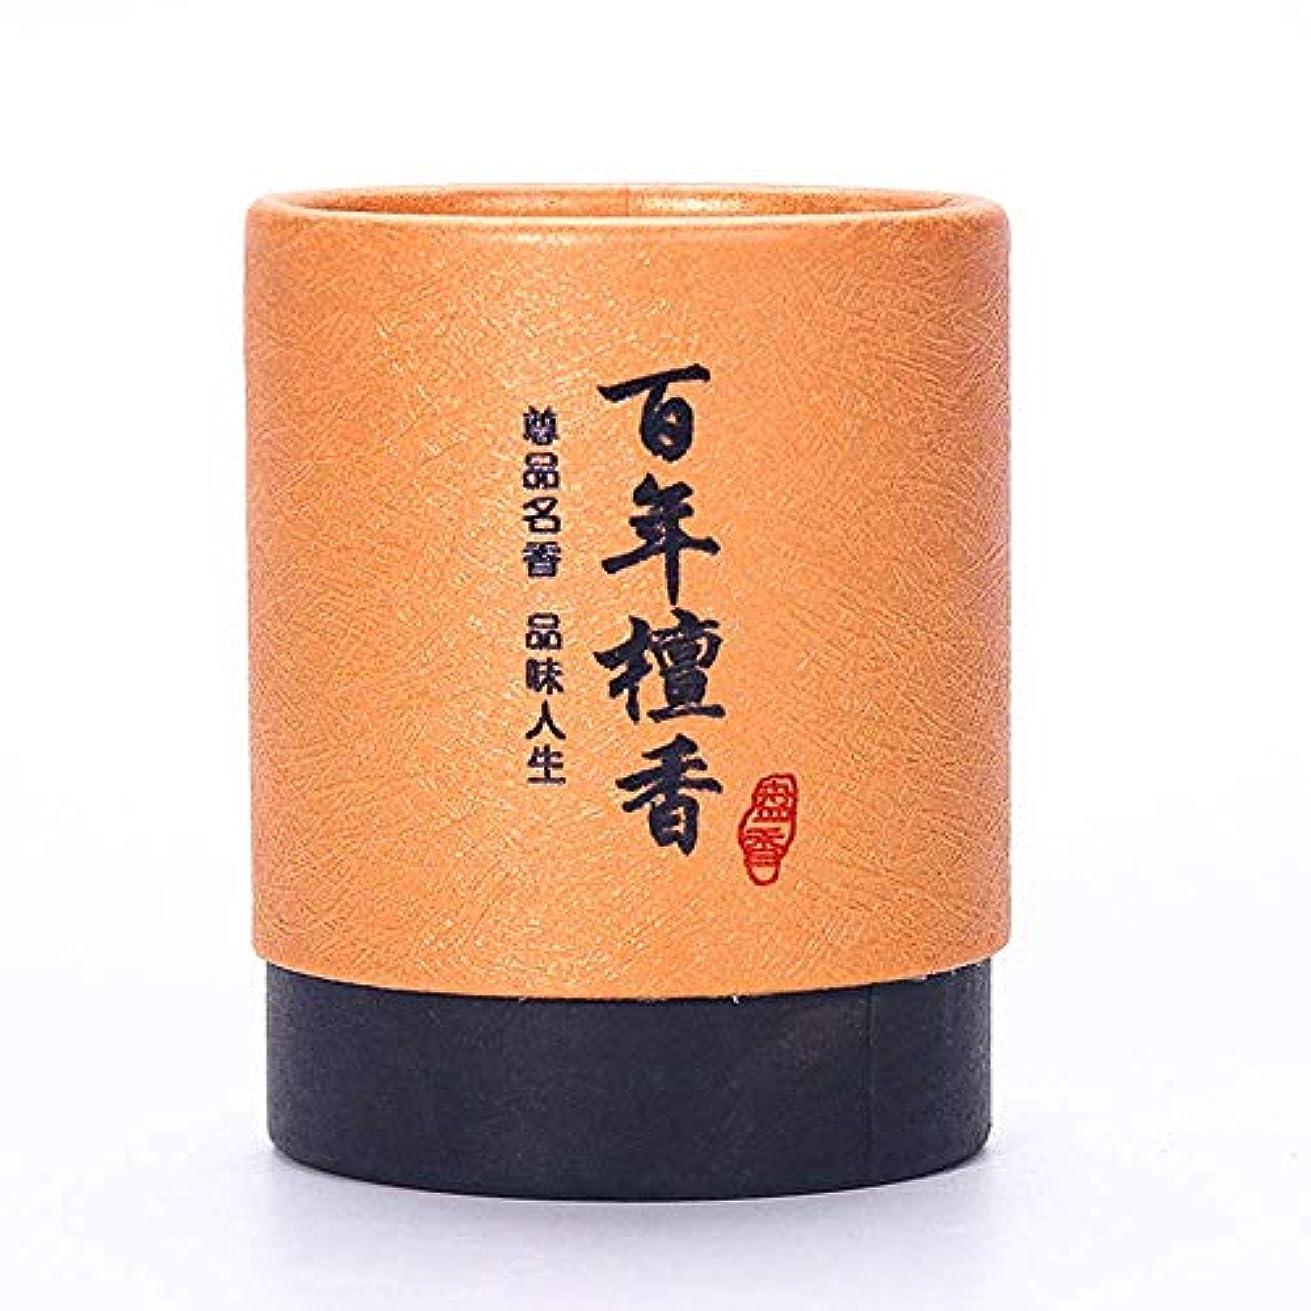 食物ステレオタイプ加入HwaGui お香 2時間 盤香 渦巻き線香 優しい香り 48巻入 (百年檀香)